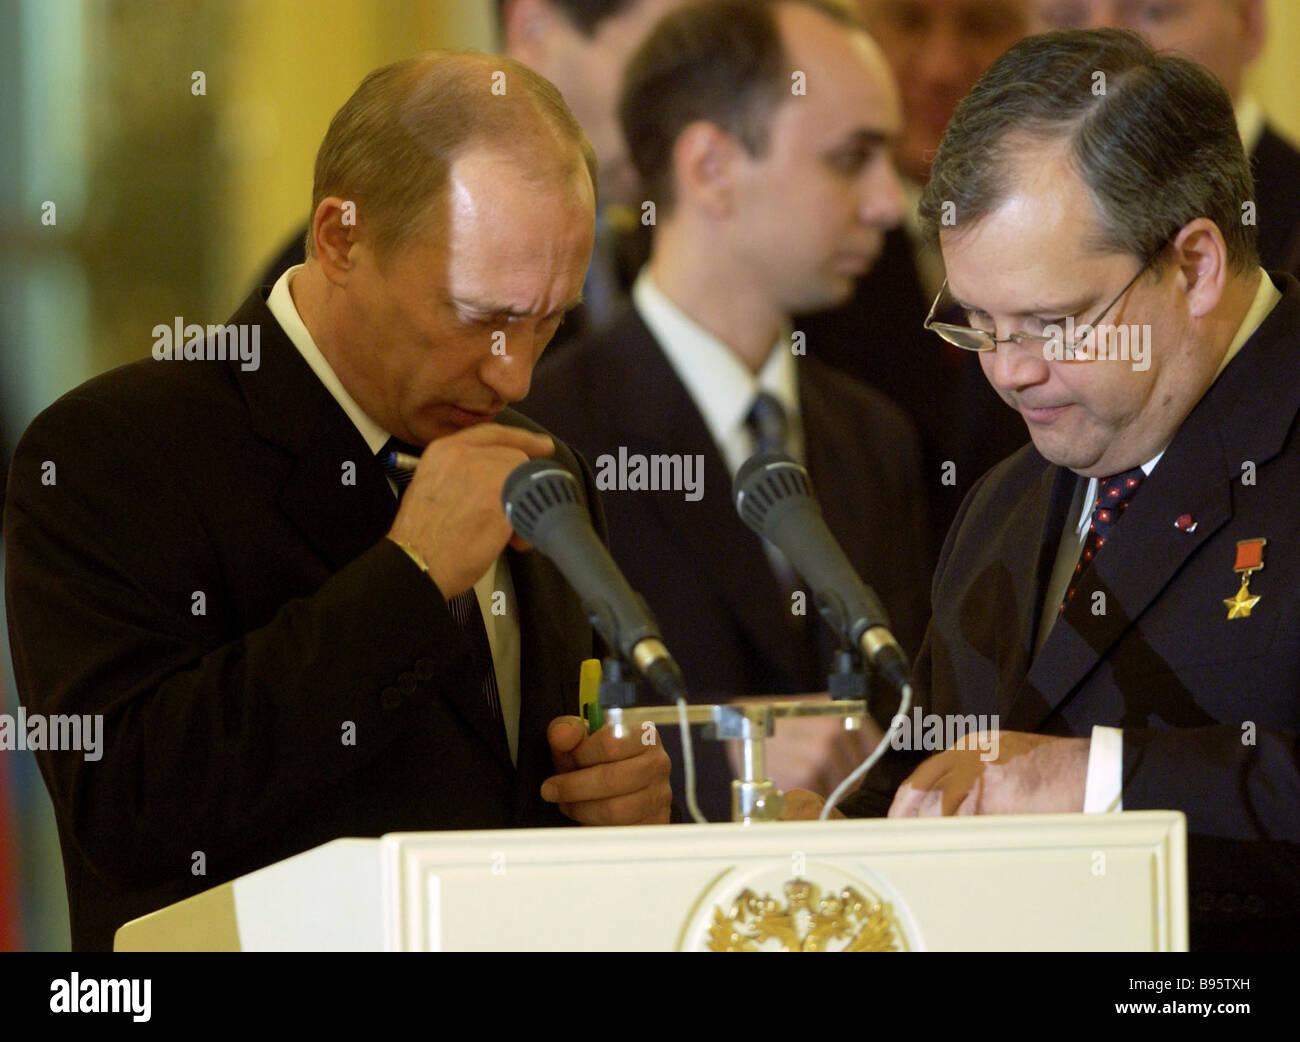 Los jefes de misión diplomática de varios países presentaron sus credenciales al Presidente de Rusia Vladimir Putin Foto de stock